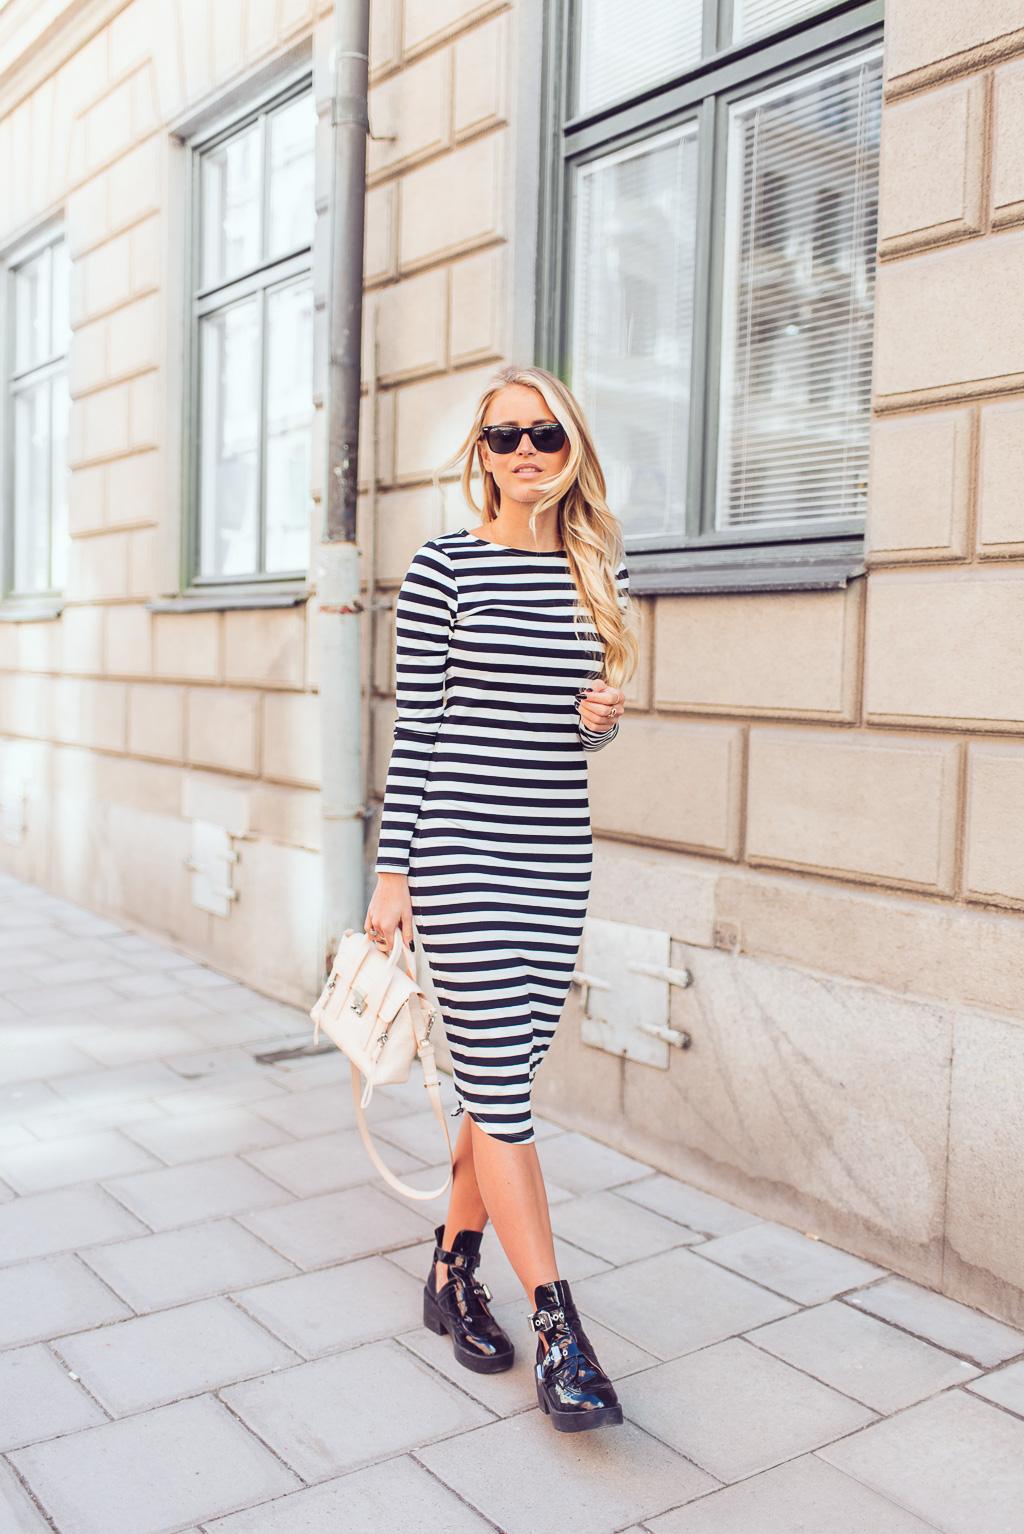 janni-deler-stripes-bootsDSC_4191